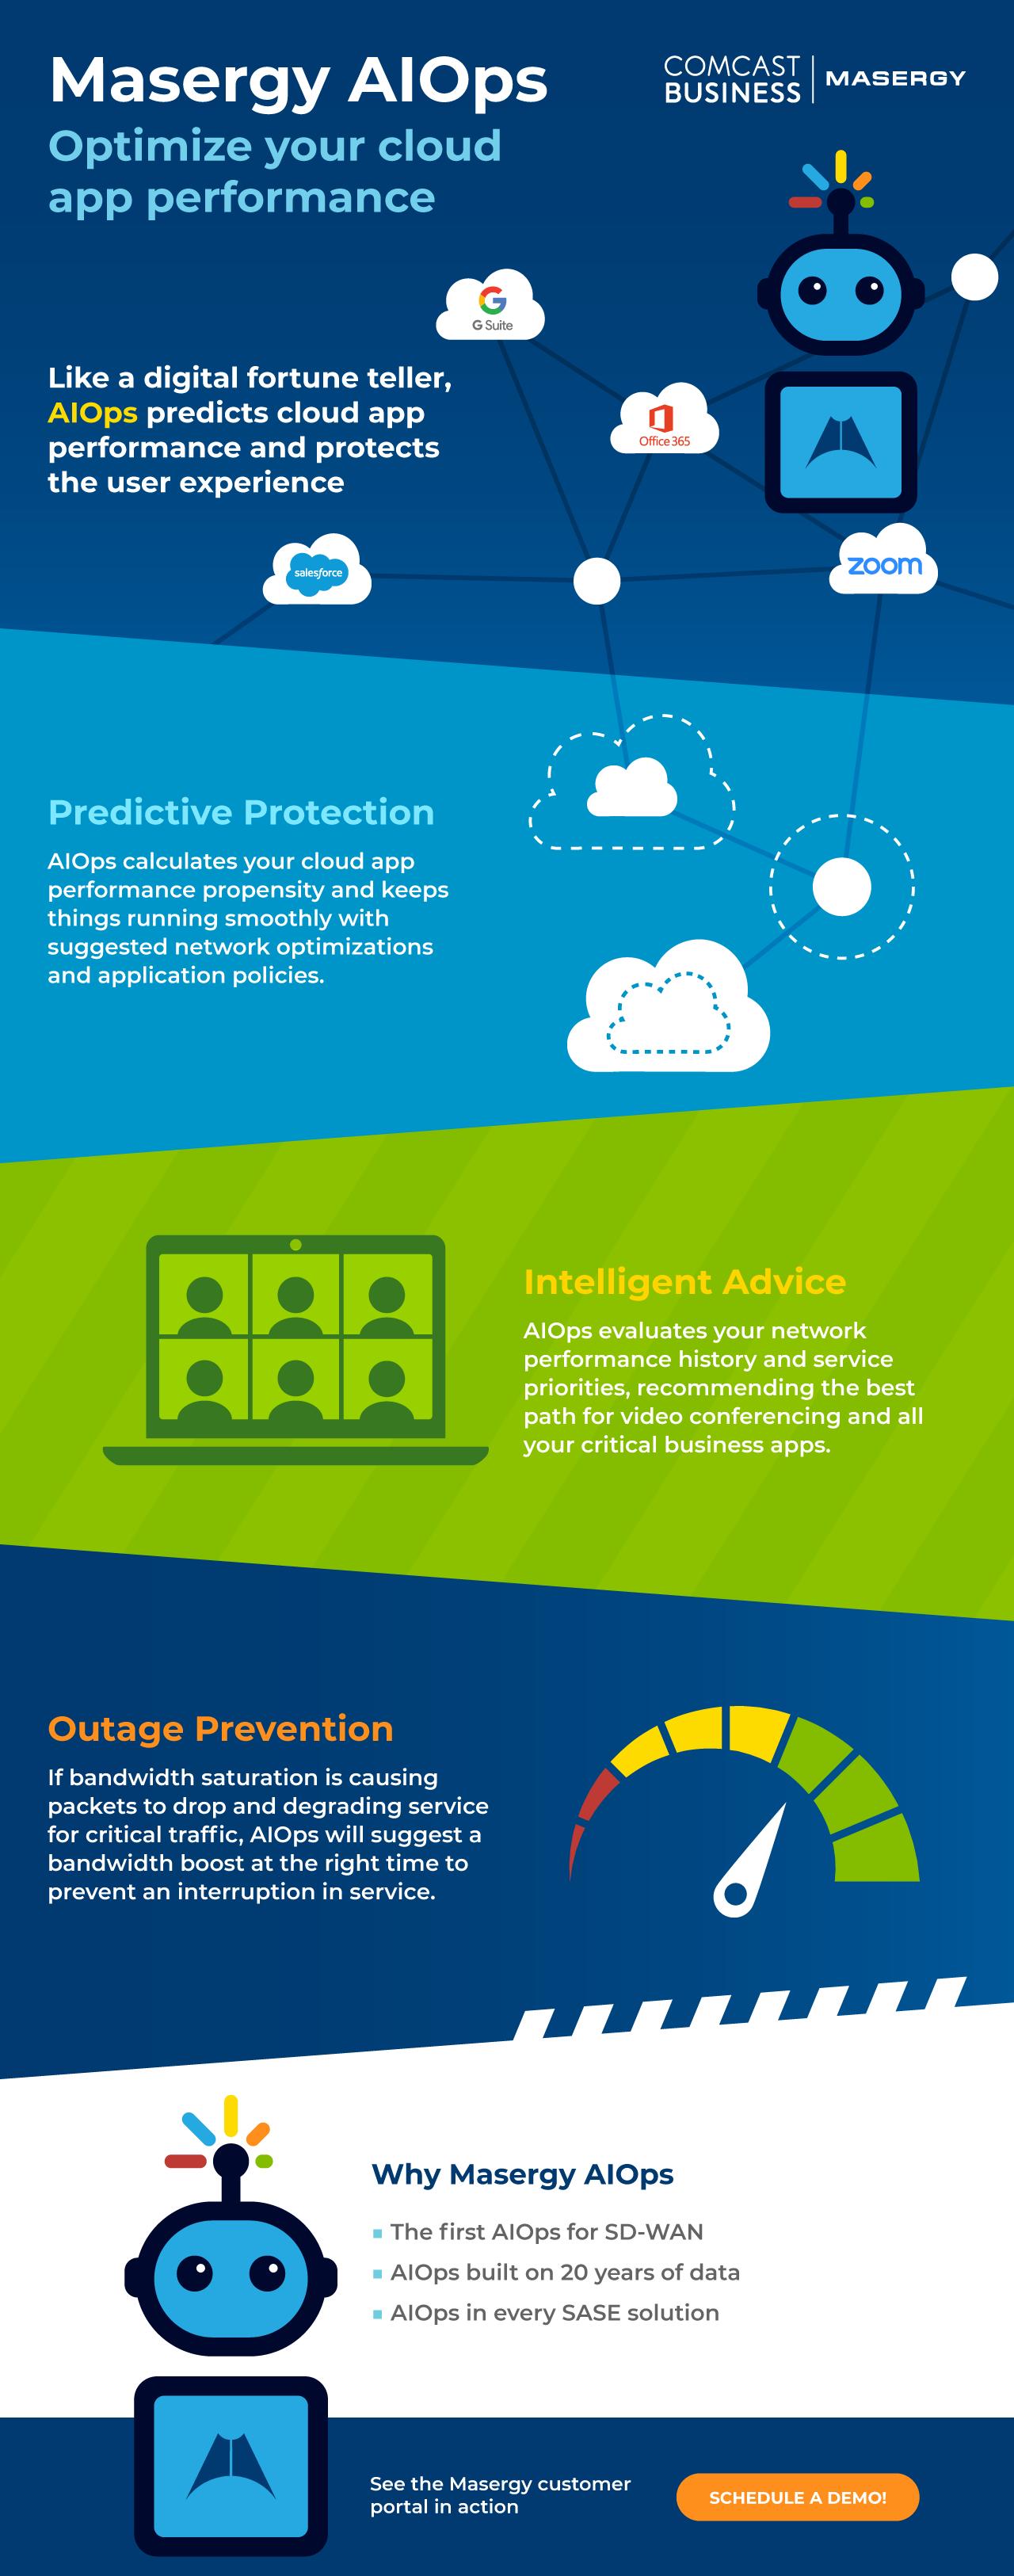 Optimize your cloud app performance